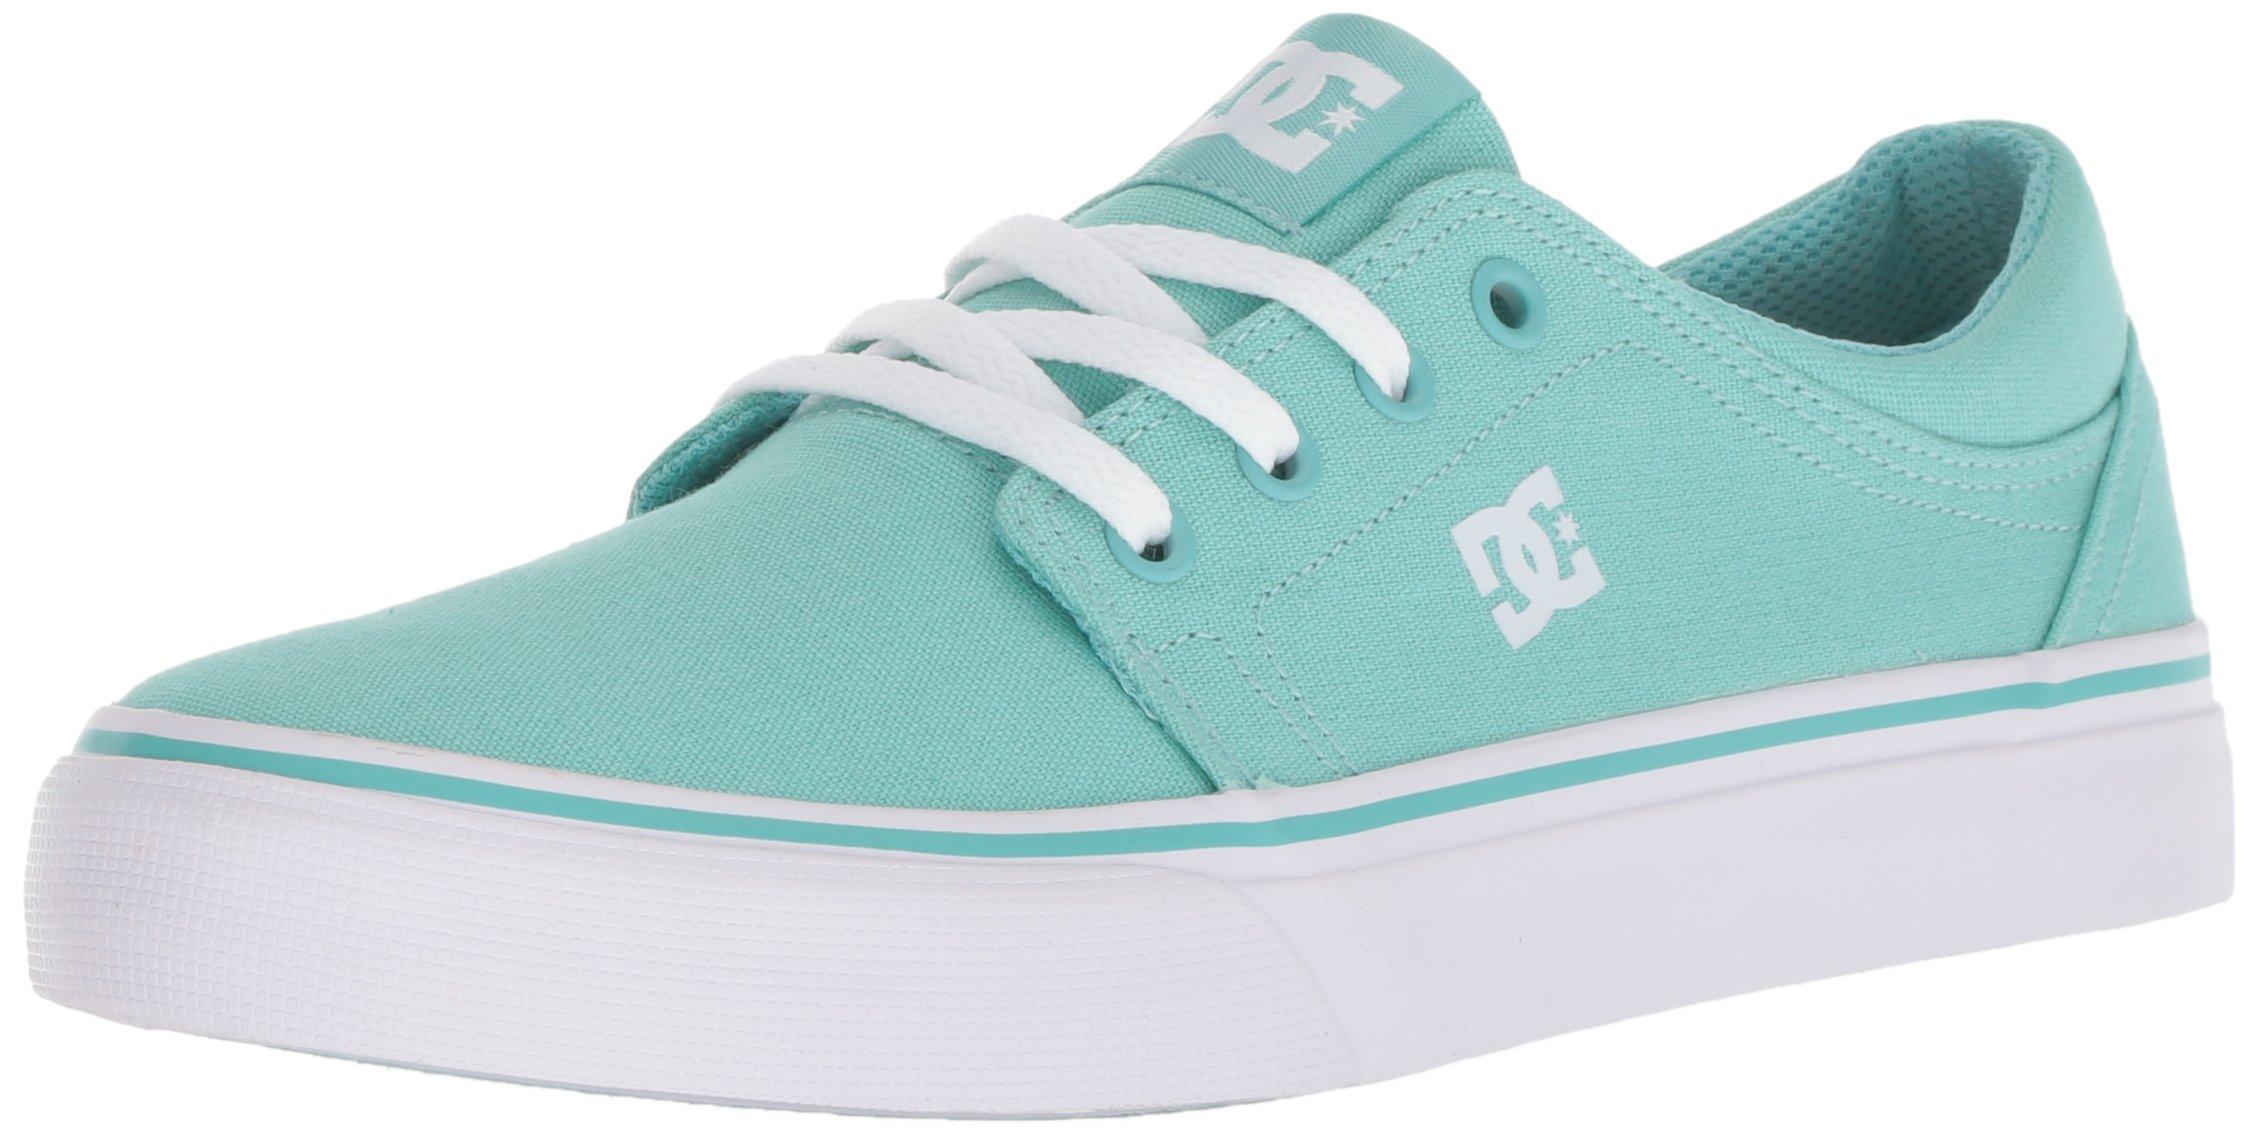 DC Girls' Trase TX Skate Shoe, Pool Blue, 3.5 M US